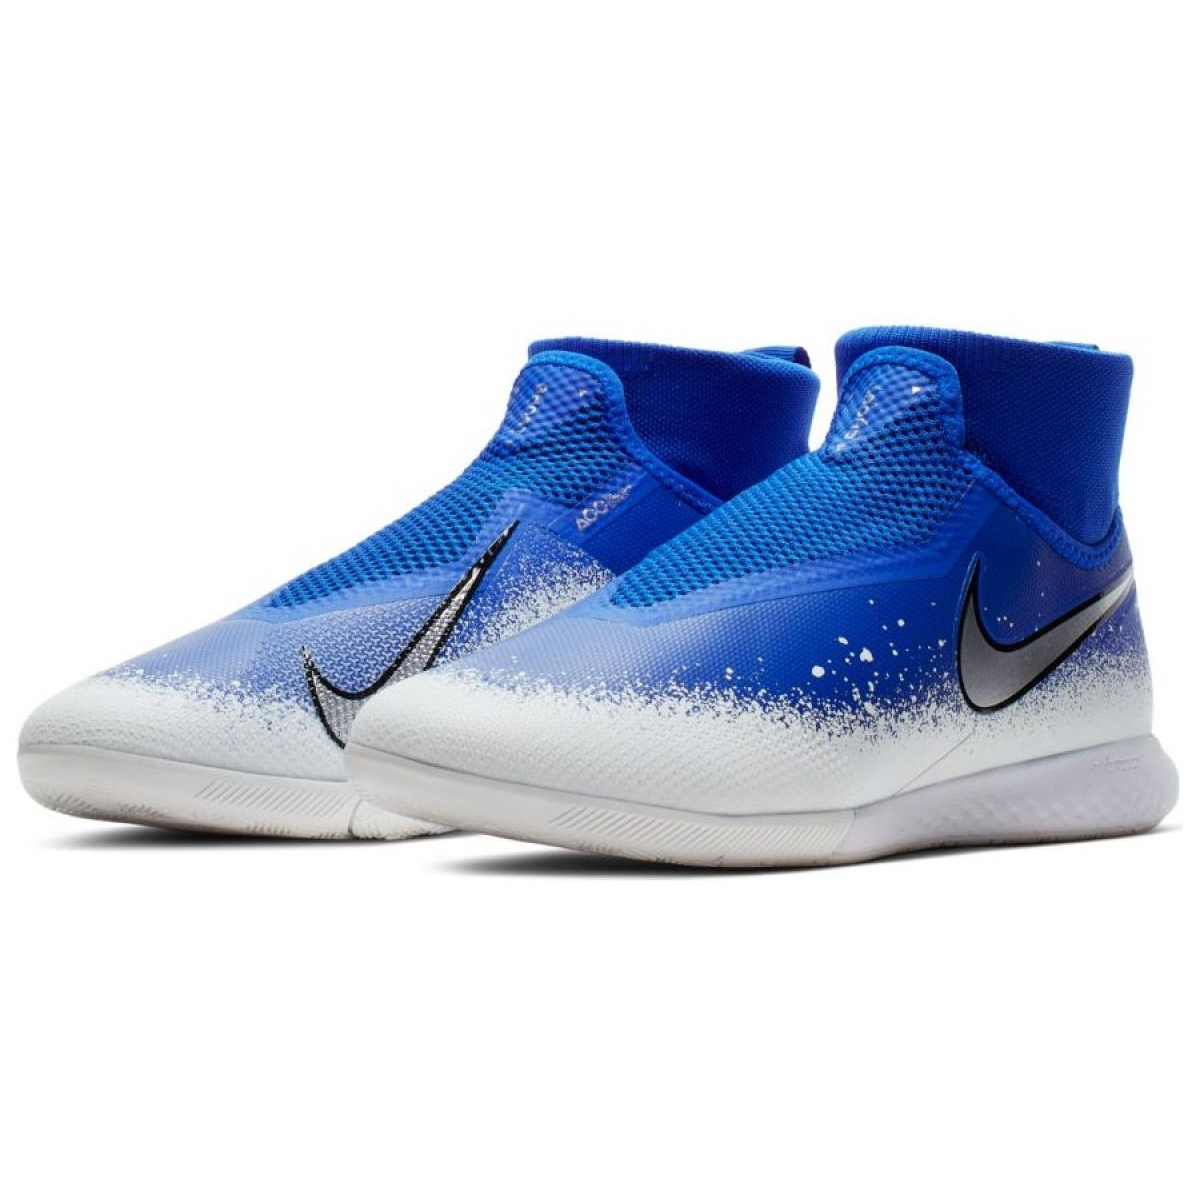 Sapatos de interior Nike Reagir Phantom Vsn Pro Df Ic M AO3276 410 azul branco, azul